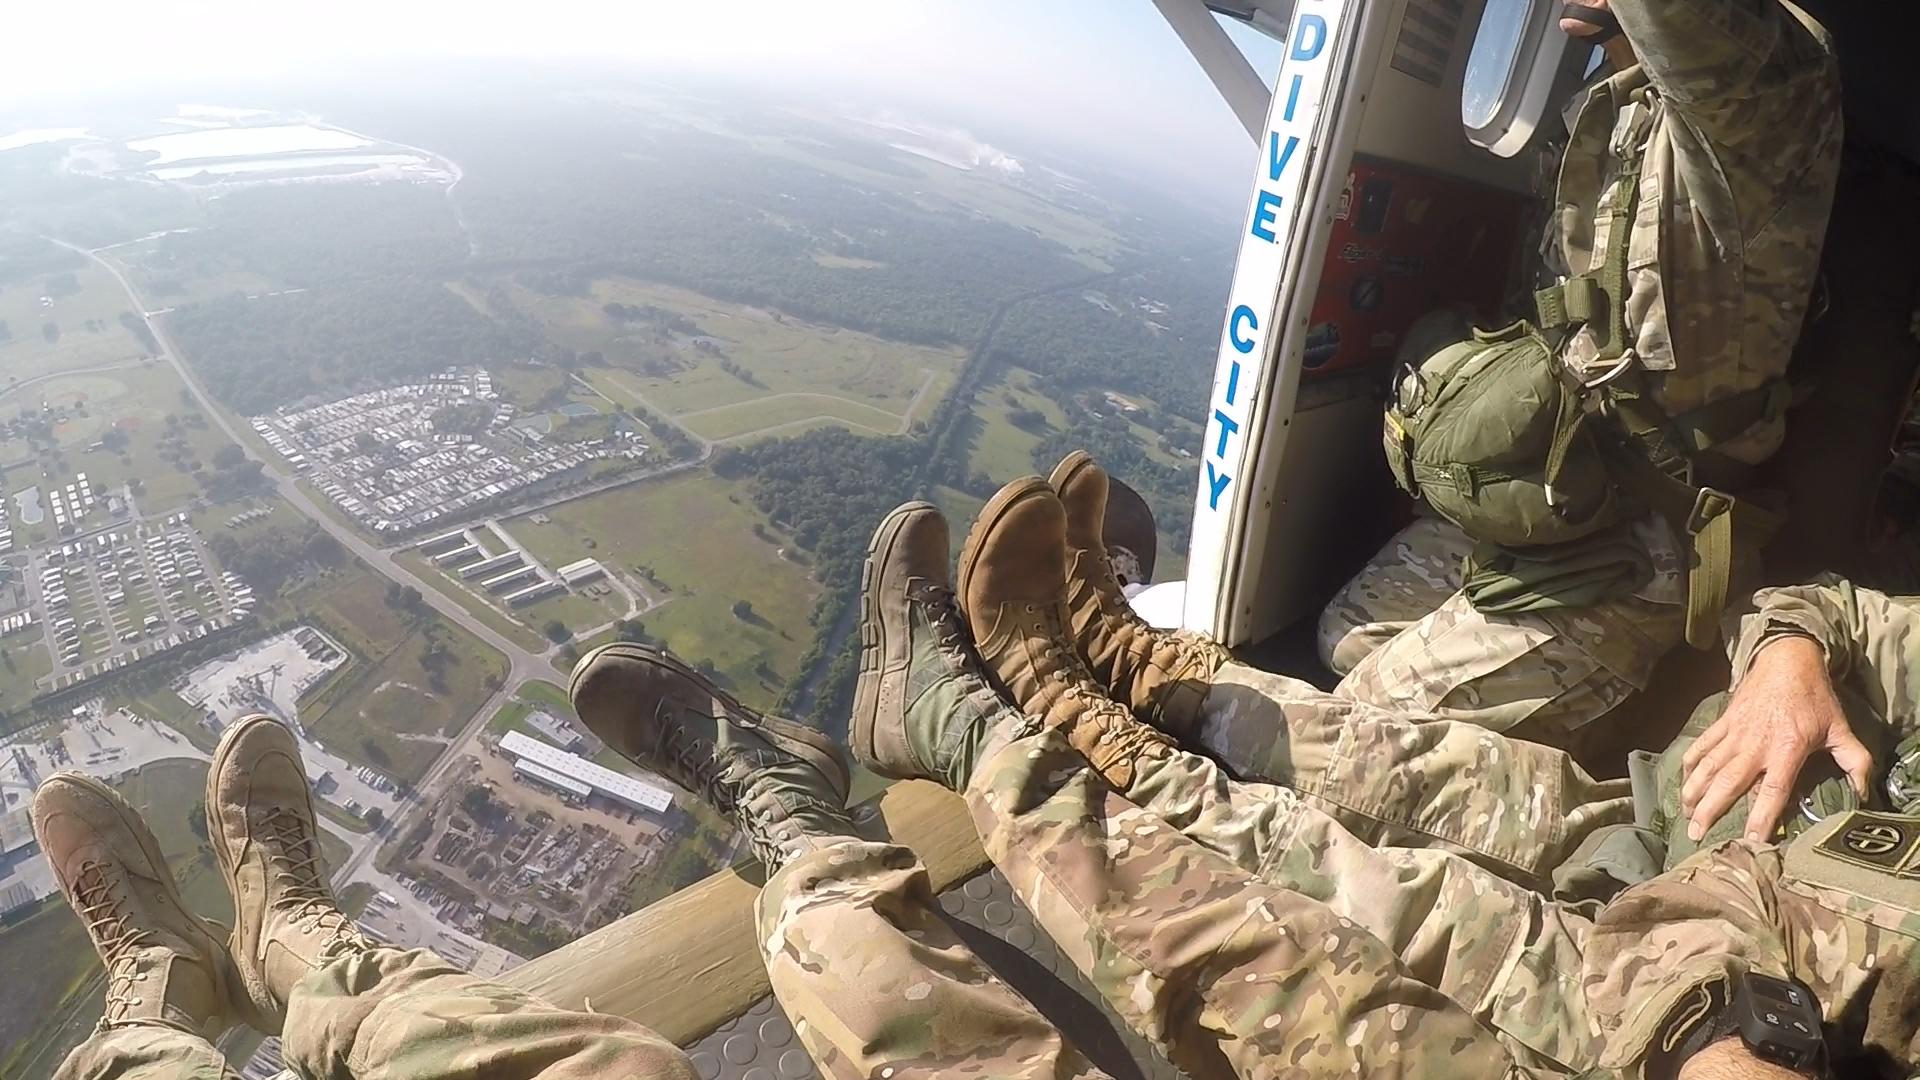 Airborne 160514 - Open door 01.jpg